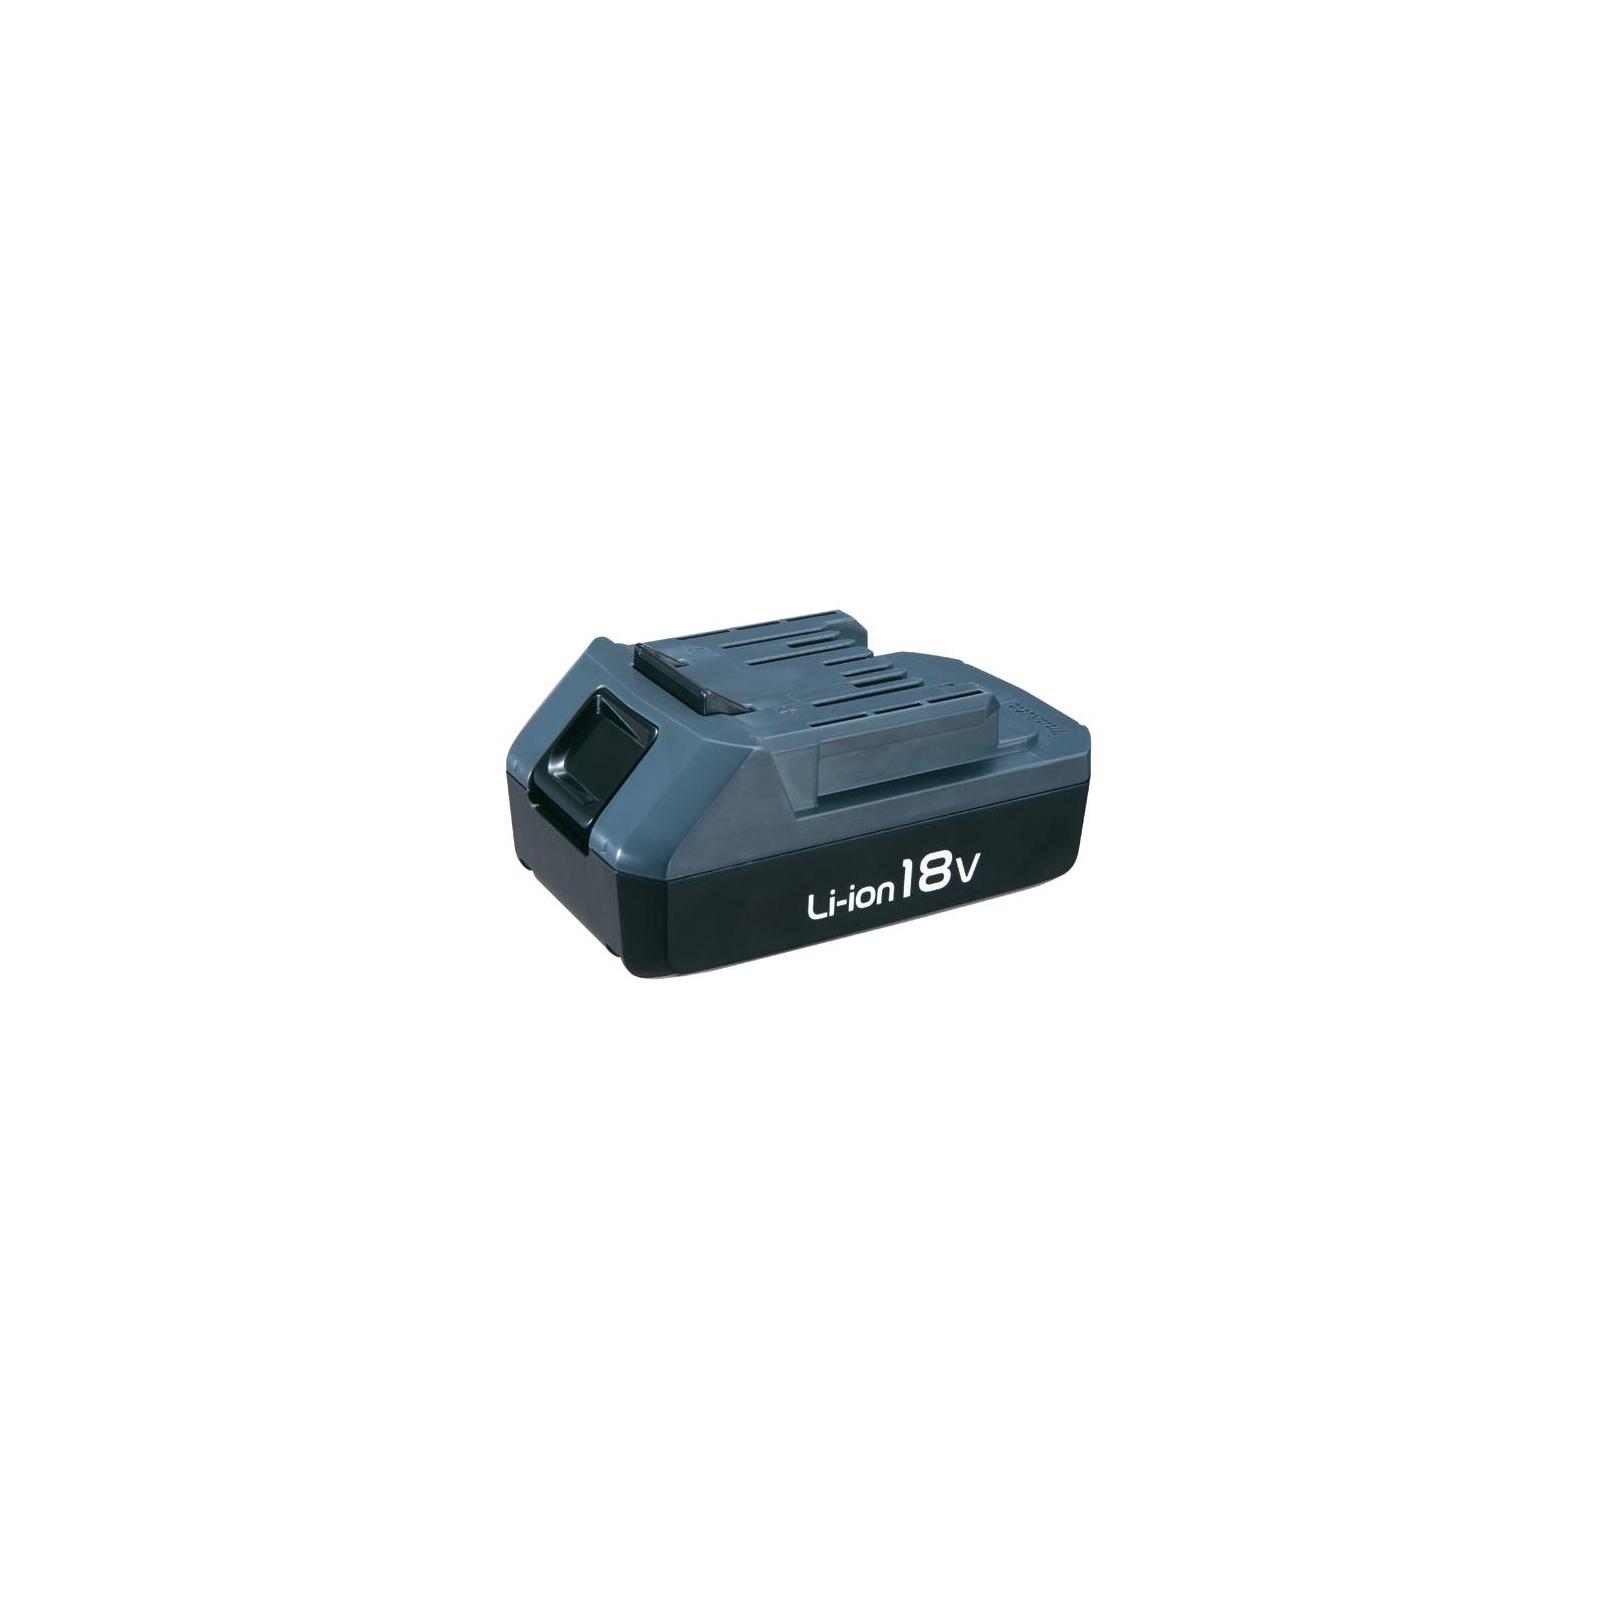 Аккумулятор к электроинструменту Makita Li-ion Maktec L1851,18В (195421-0)